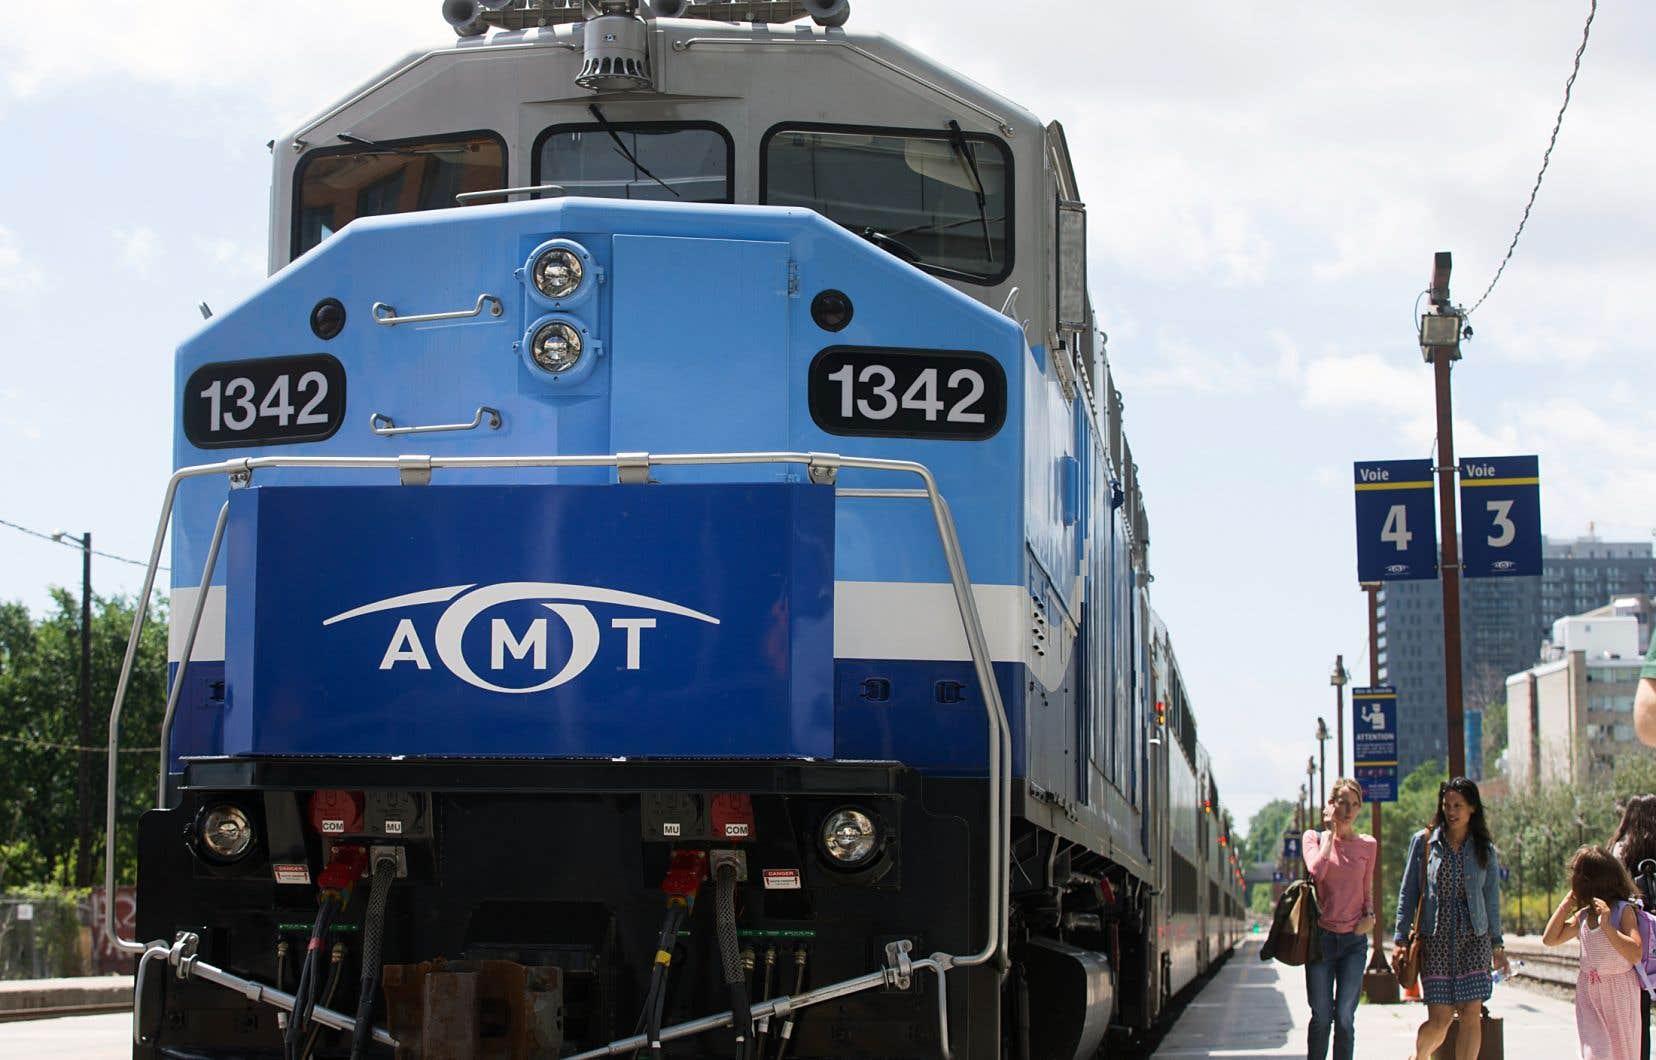 Pour réaliser son «Grand déblocage», le Parti québécois entend tabletter le Réseau express métropolitain, qu'il qualifie de «mauvais projet». La formation compte réallouer les sommes prévues pour le REM afin de déployer un vaste réseau de tramways et de bonifier les services de trains de banlieue.